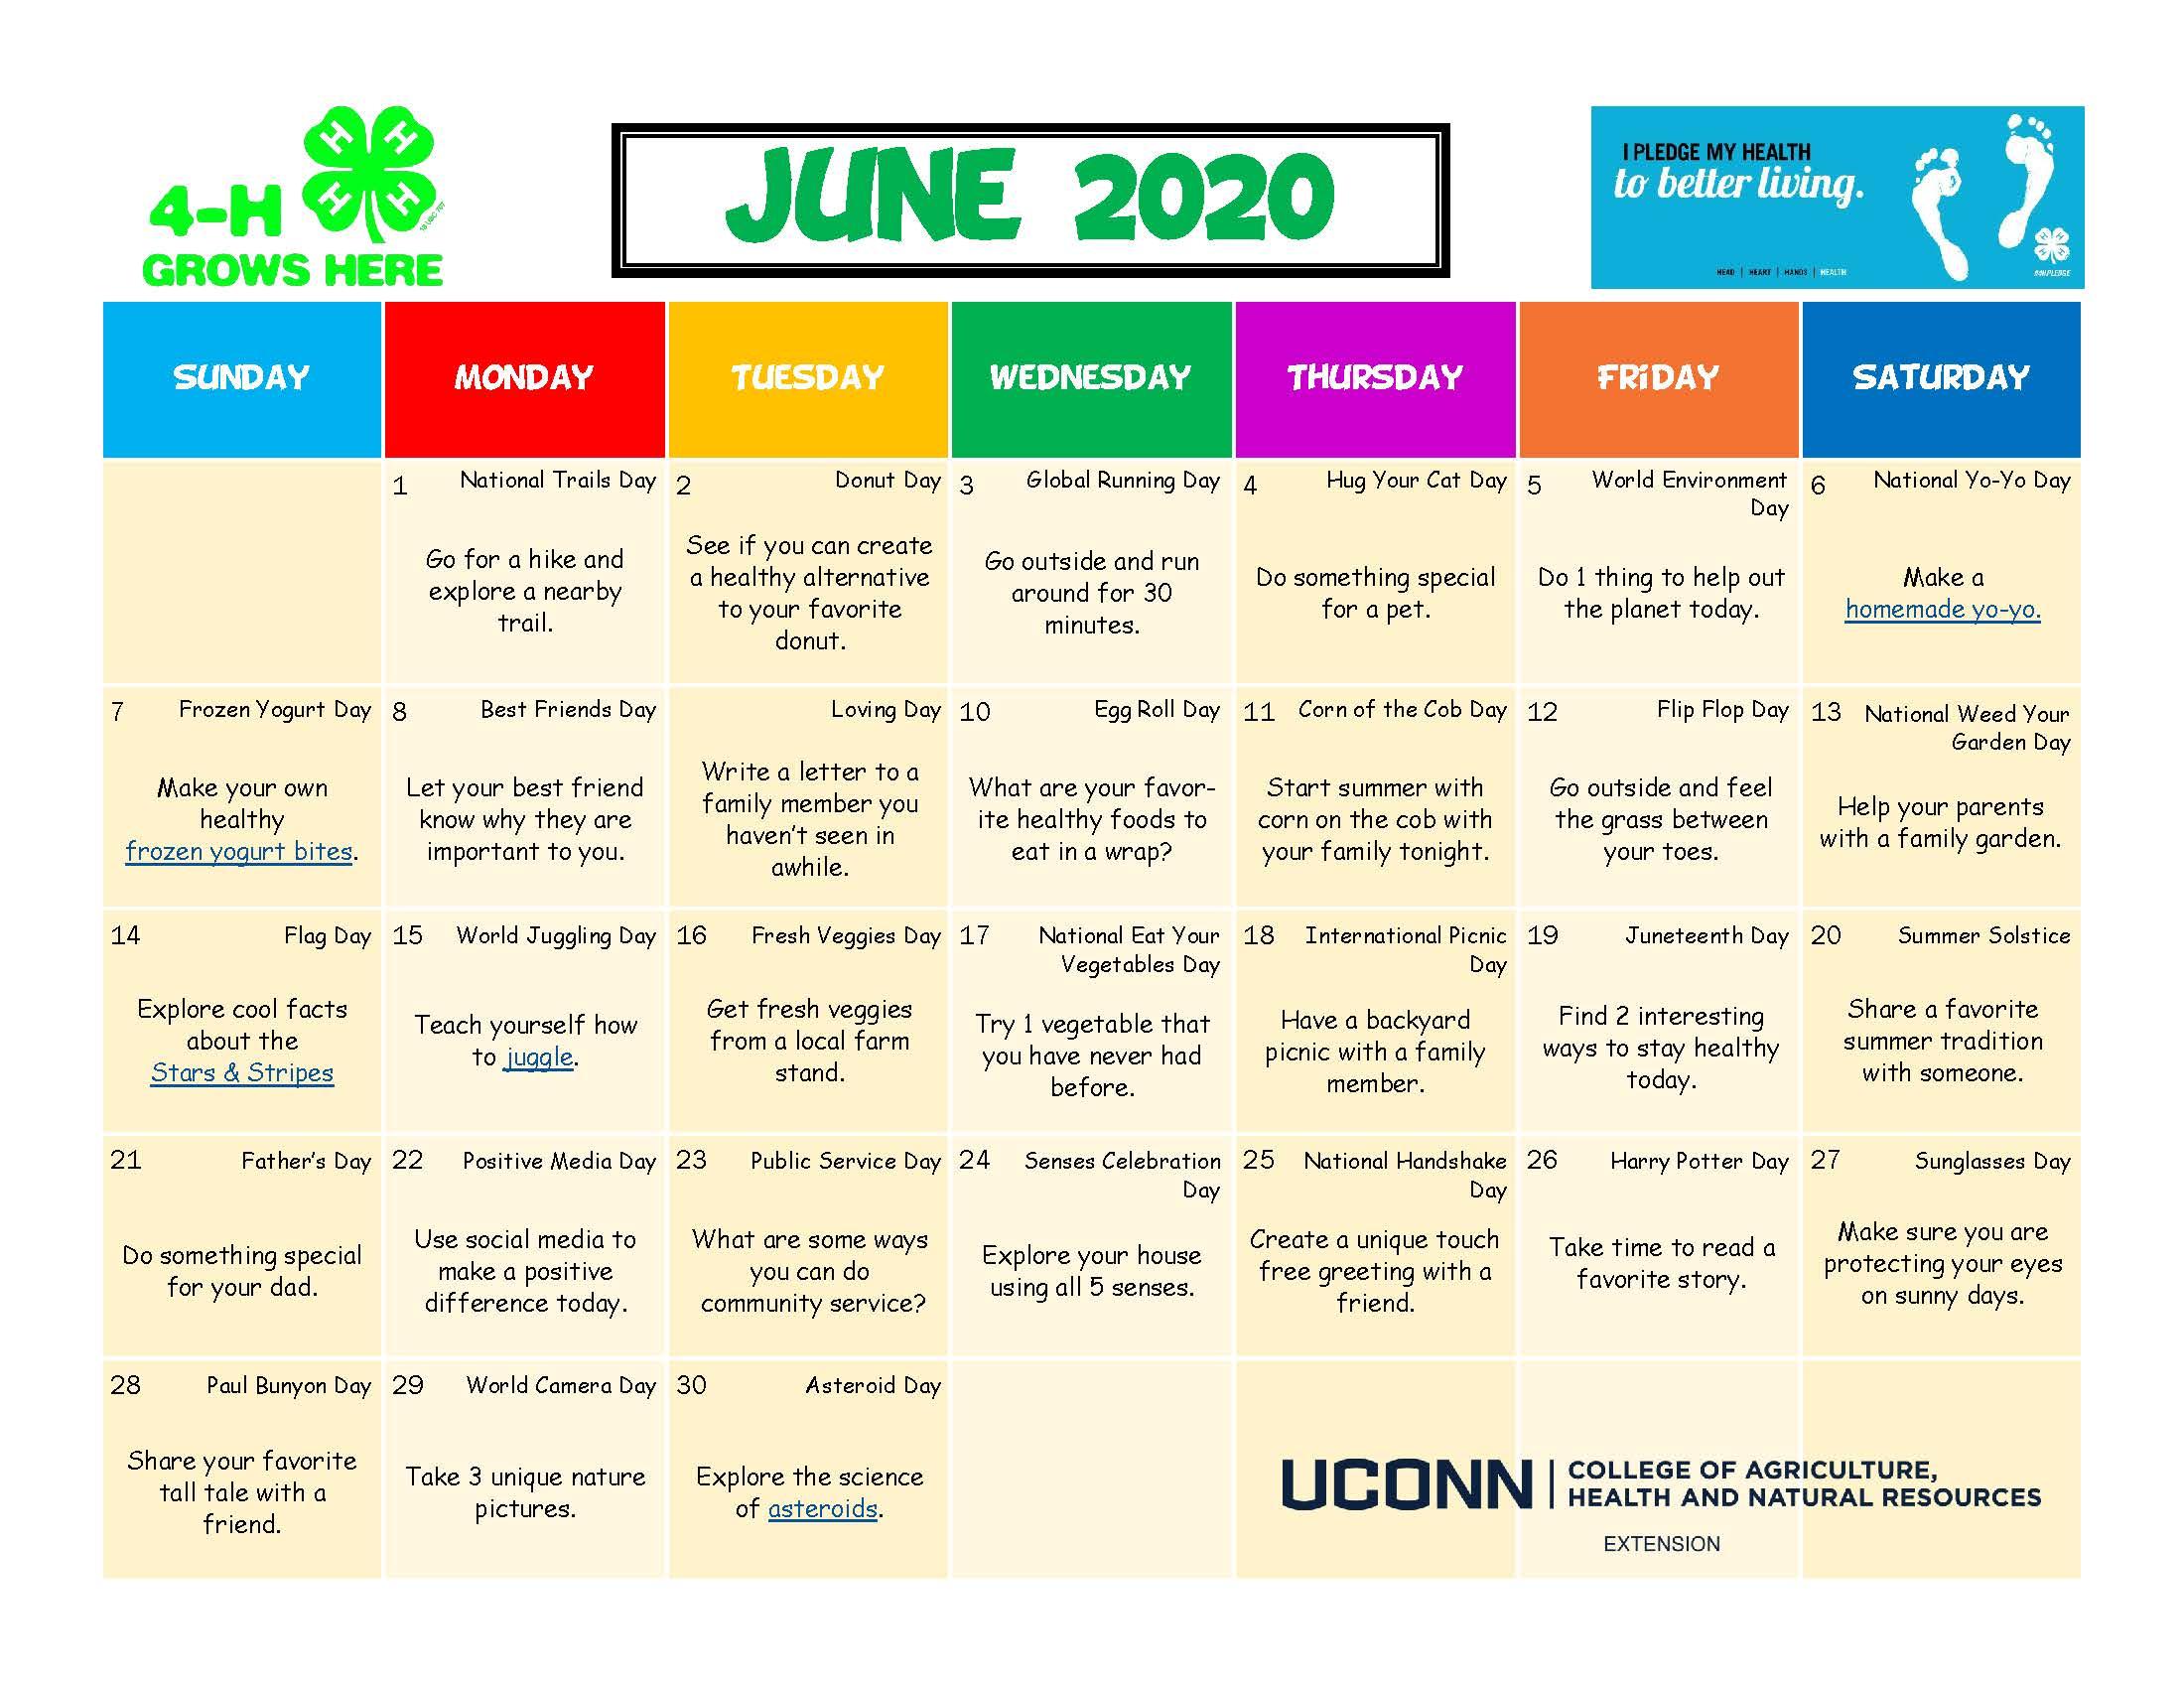 4-h Activity calendar for June 2020